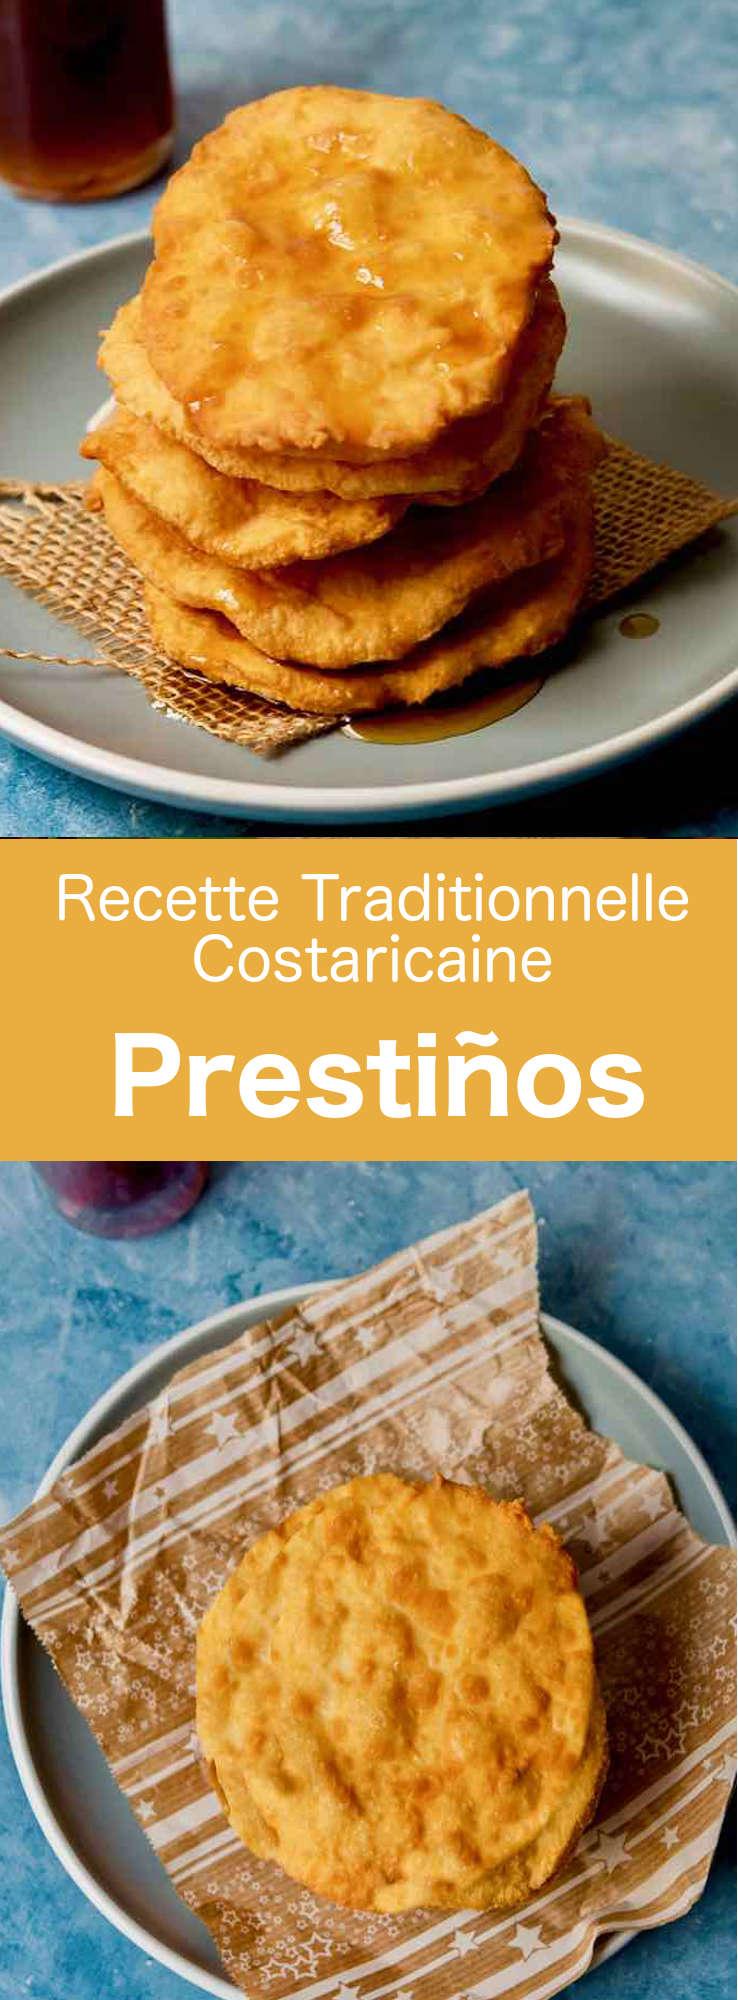 Les prestiños sont des beignets traditionnels du Costa Rica, composés d'une pâte fine frite et d'un sirop de tapa de dulce (panela). #CostaRica #RecetteCostaricaine #CuisineCostaRicaine #CuisineDuMonde #196flavors